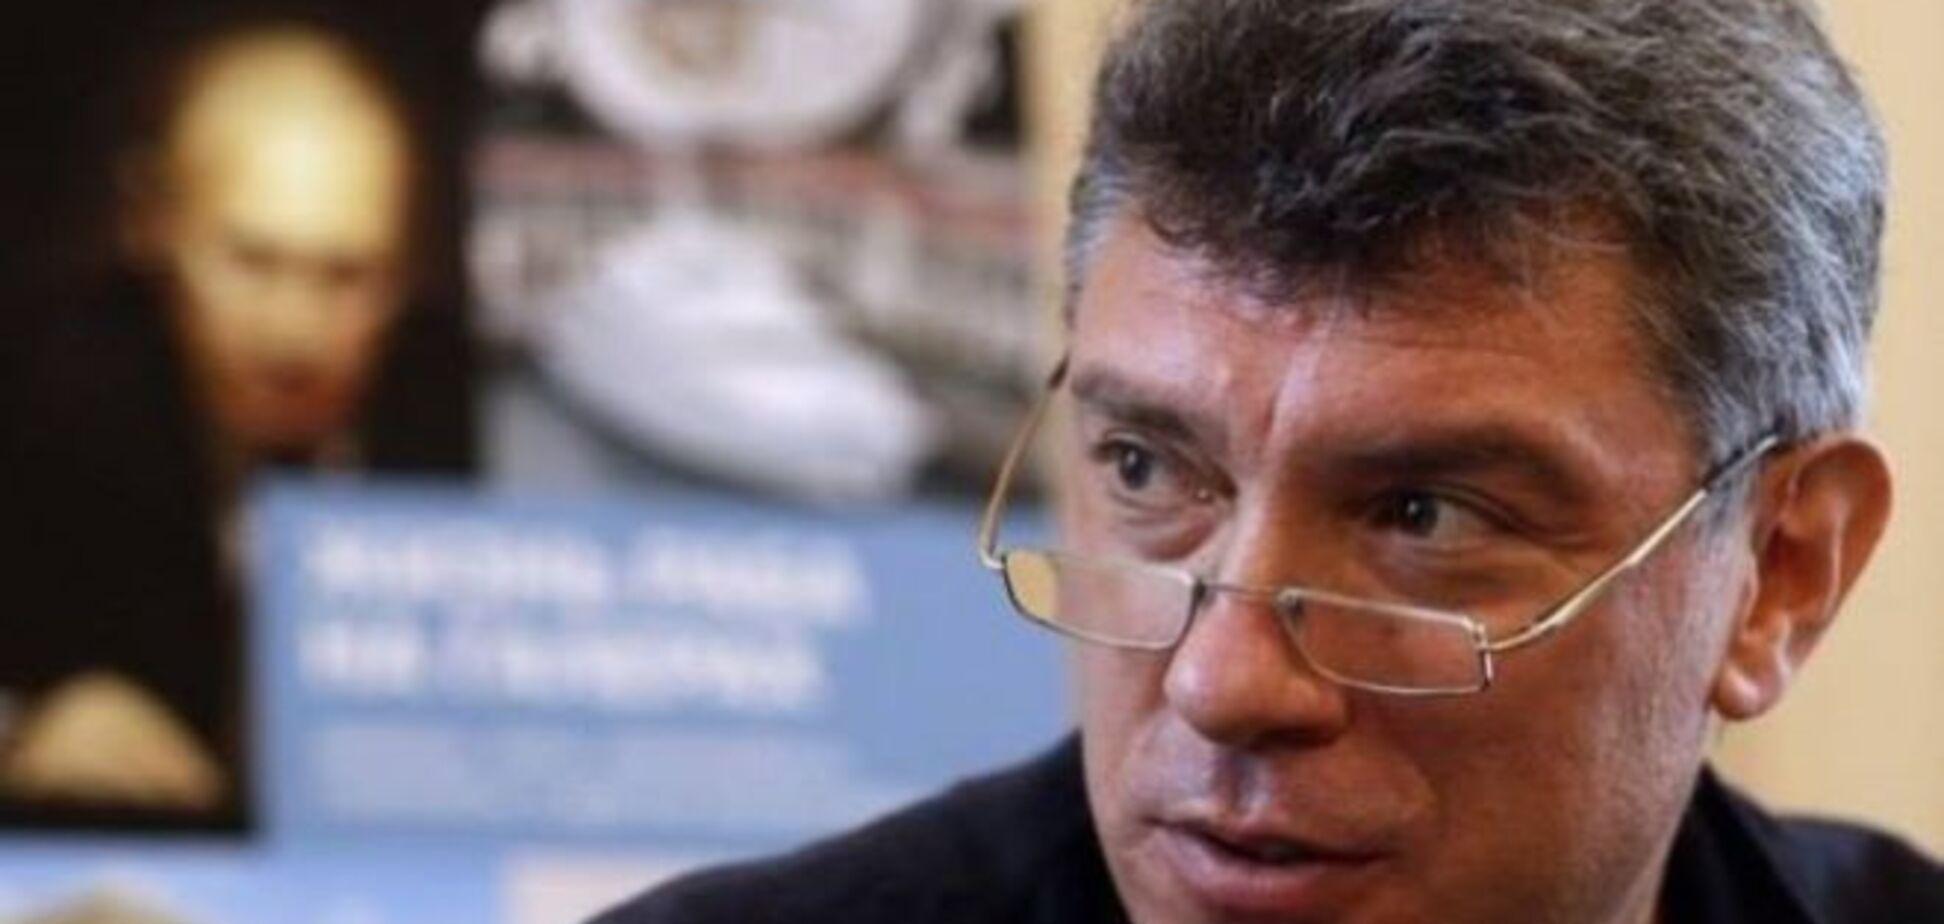 От ученого до жесткого критика Путина. Биография Бориса Немцова